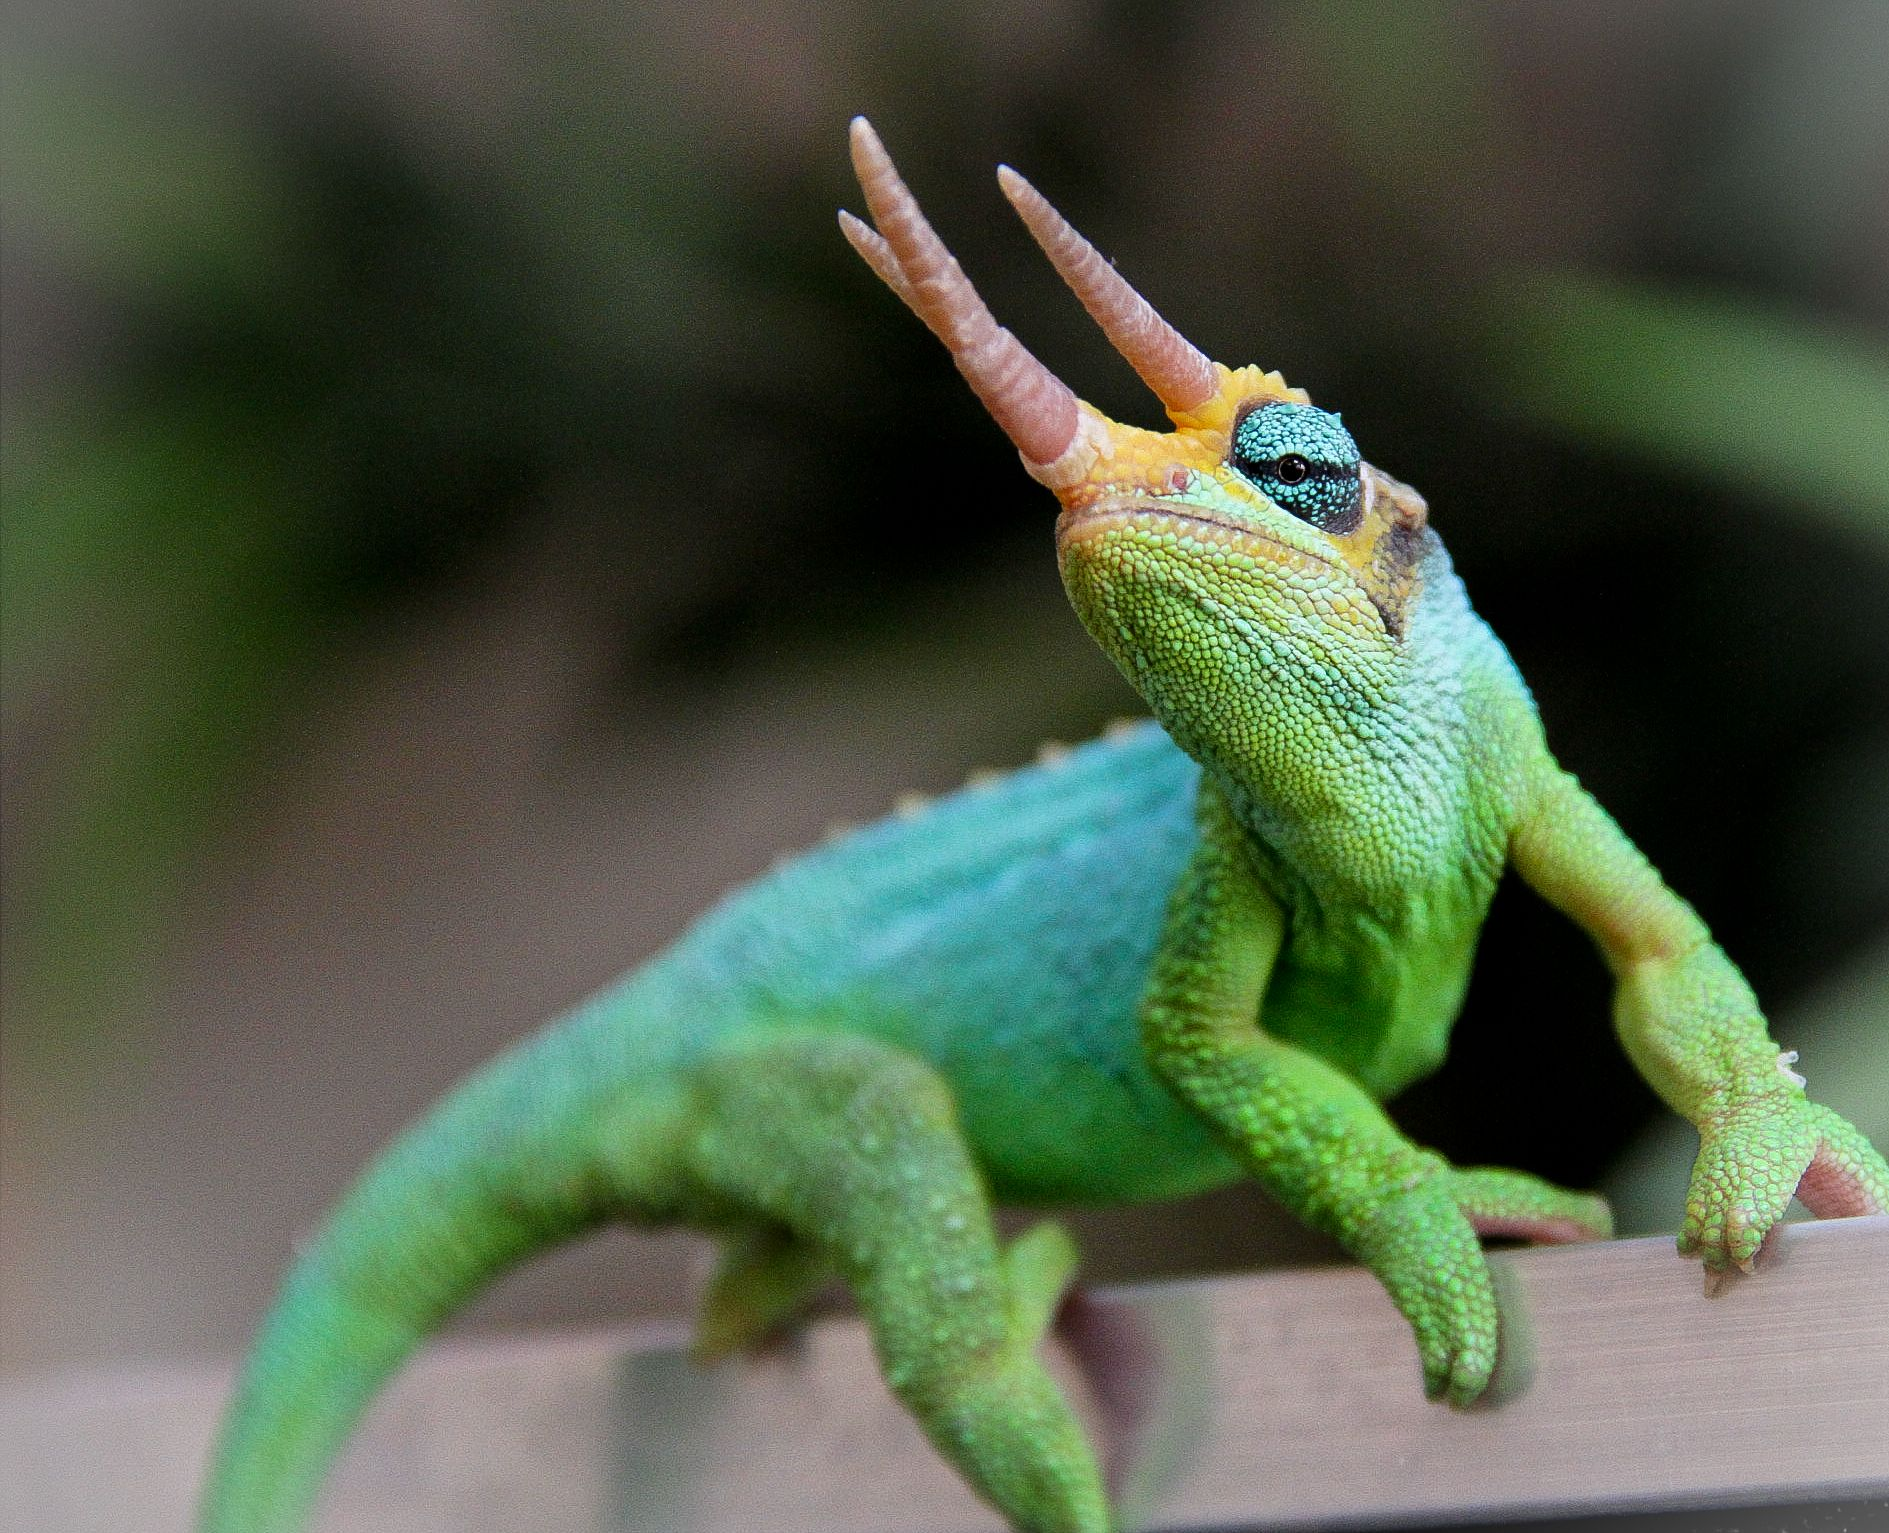 Épinglé par Mike Rickest Palos sur Lizards | Animaux